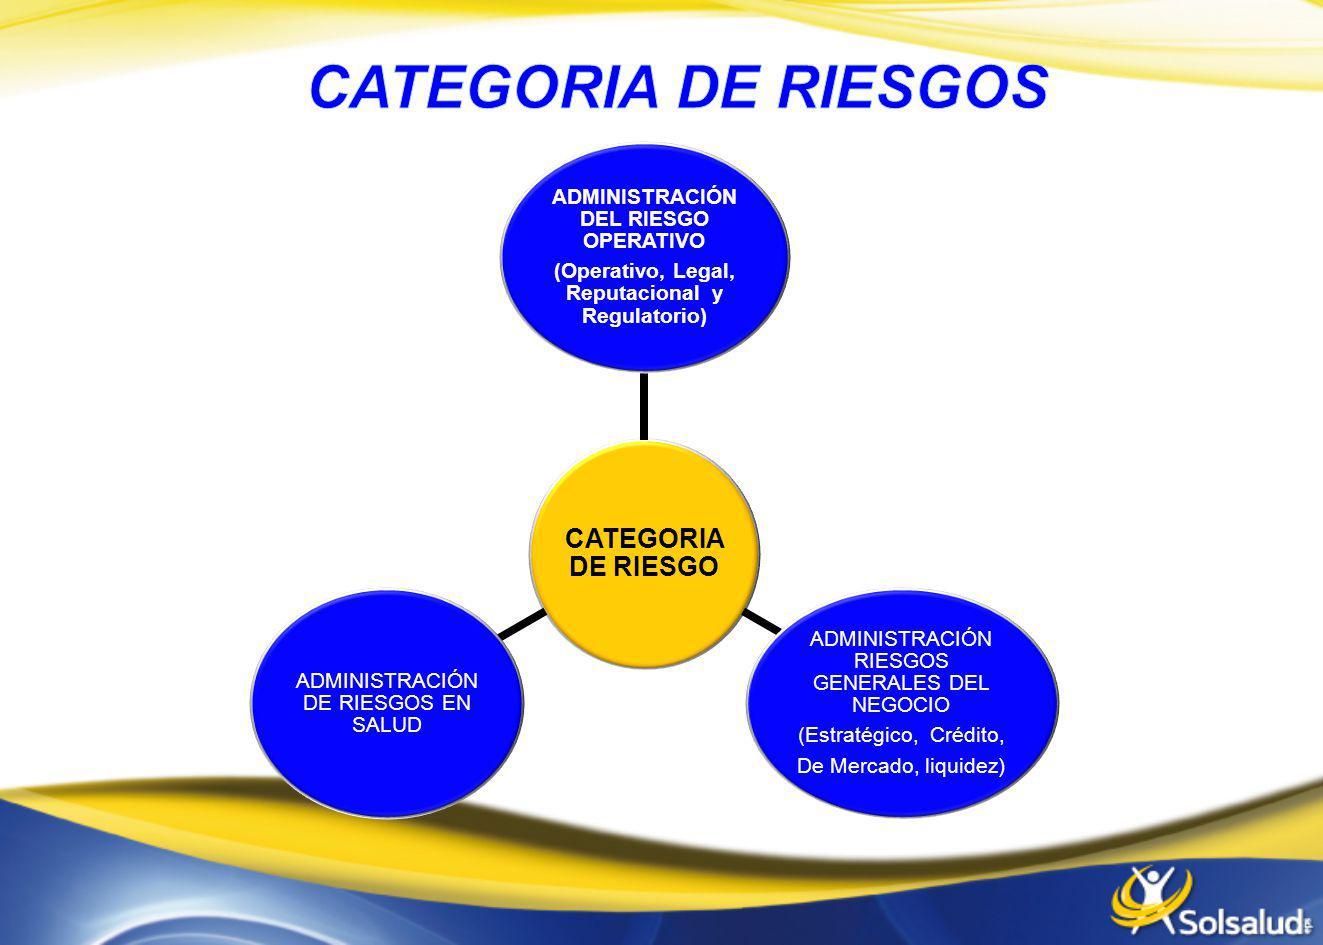 CATEGORIA DE RIESGOS ADMINISTRACIÓN RIESGOS GENERALES DEL NEGOCIO